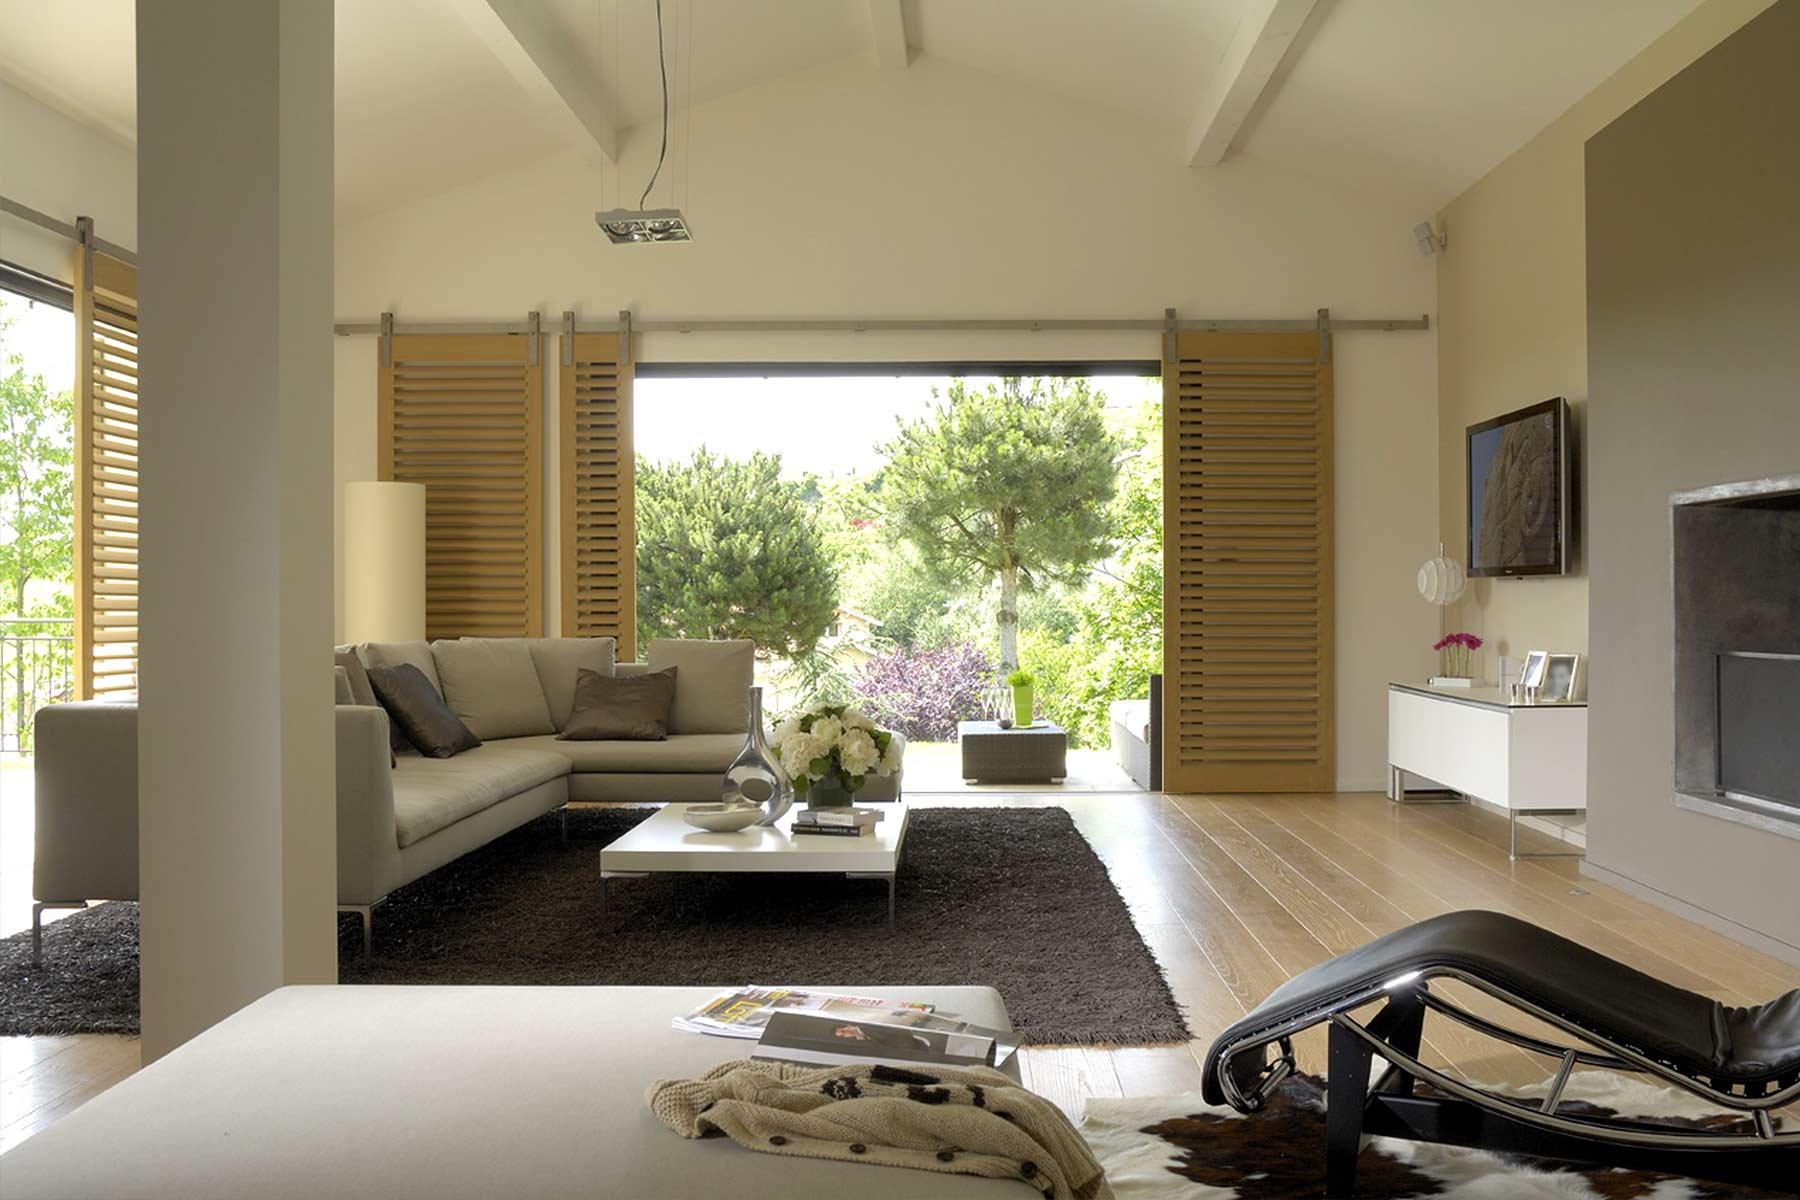 O trouver des meubles design pour r ussir sa d coration d - Trouver des meubles gratuits ...